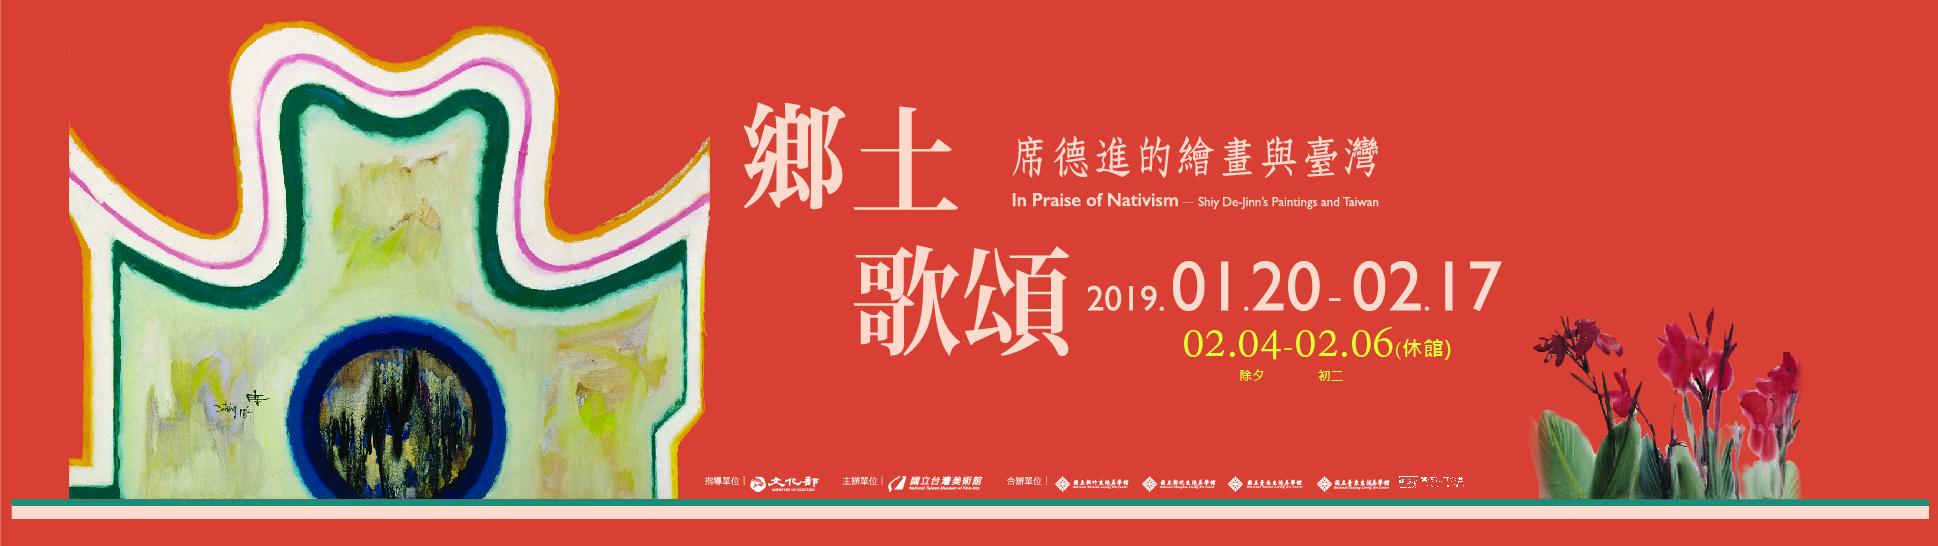 「鄉土歌頌──席德進的繪畫與臺灣」展覽